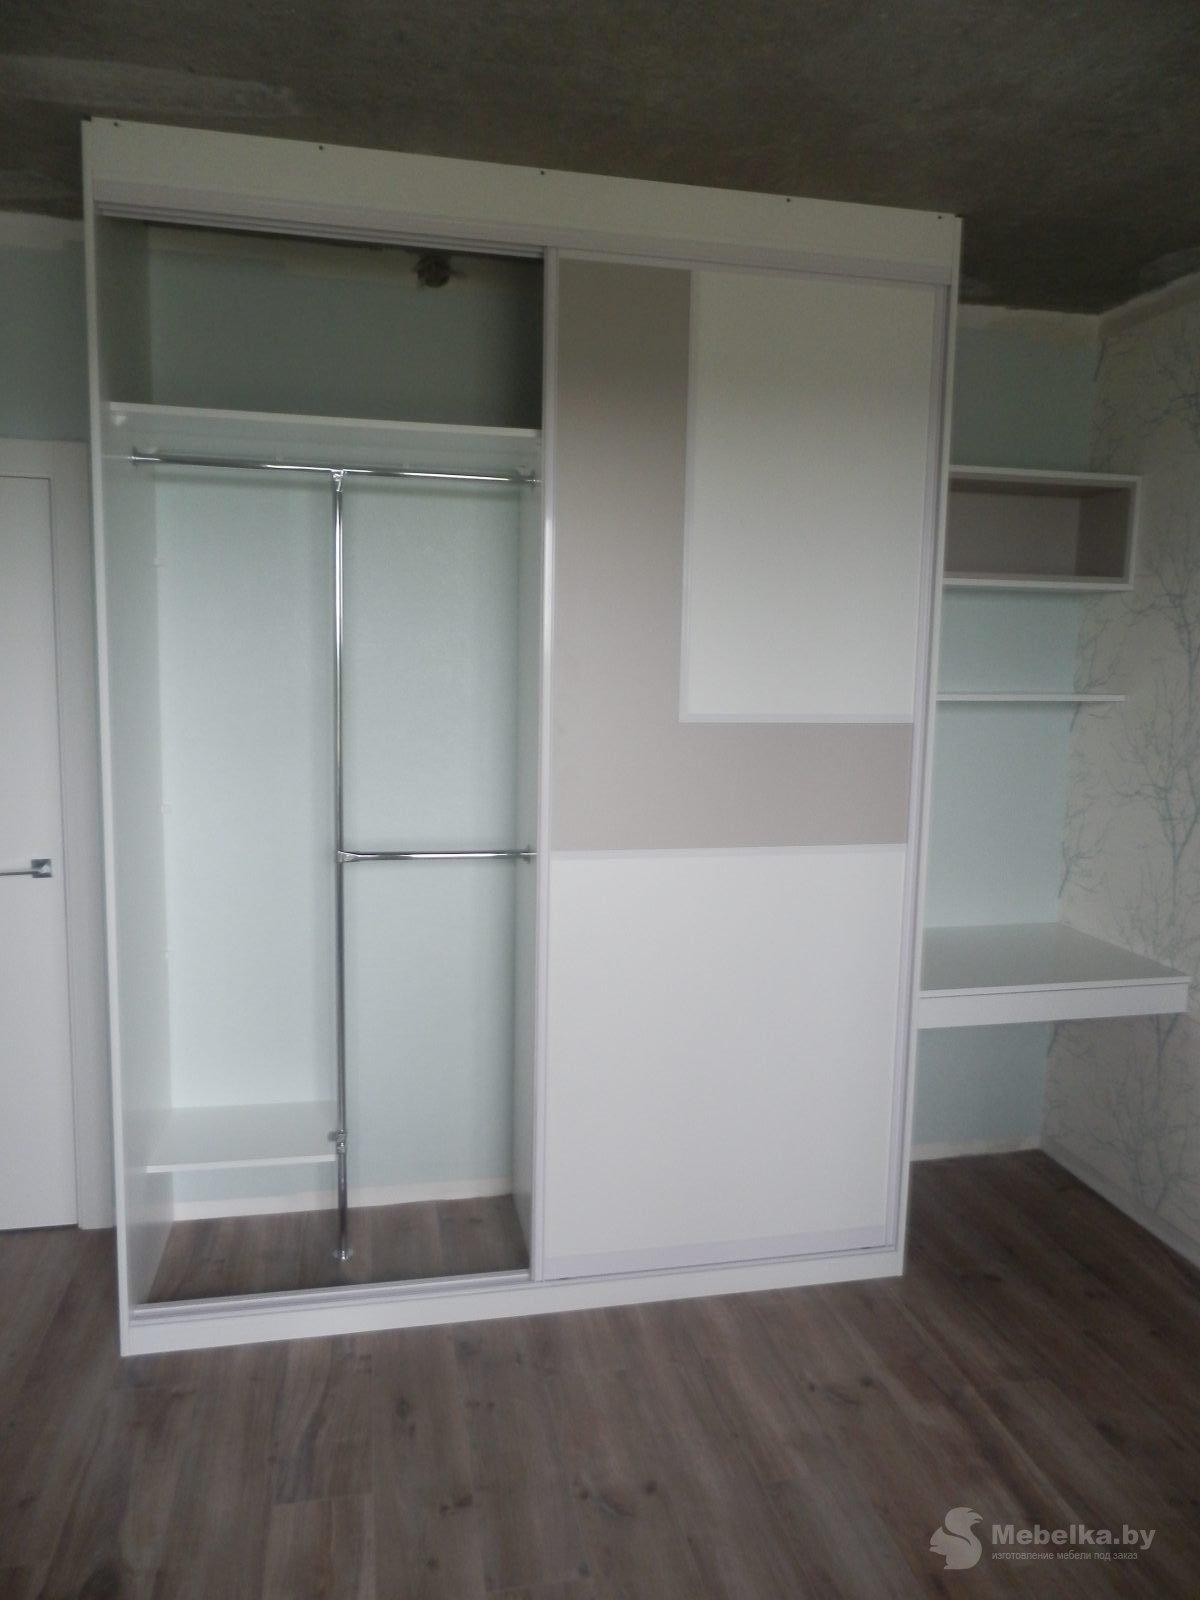 Шкаф-купе со вставкой и рабочим местом в спальне вид 3